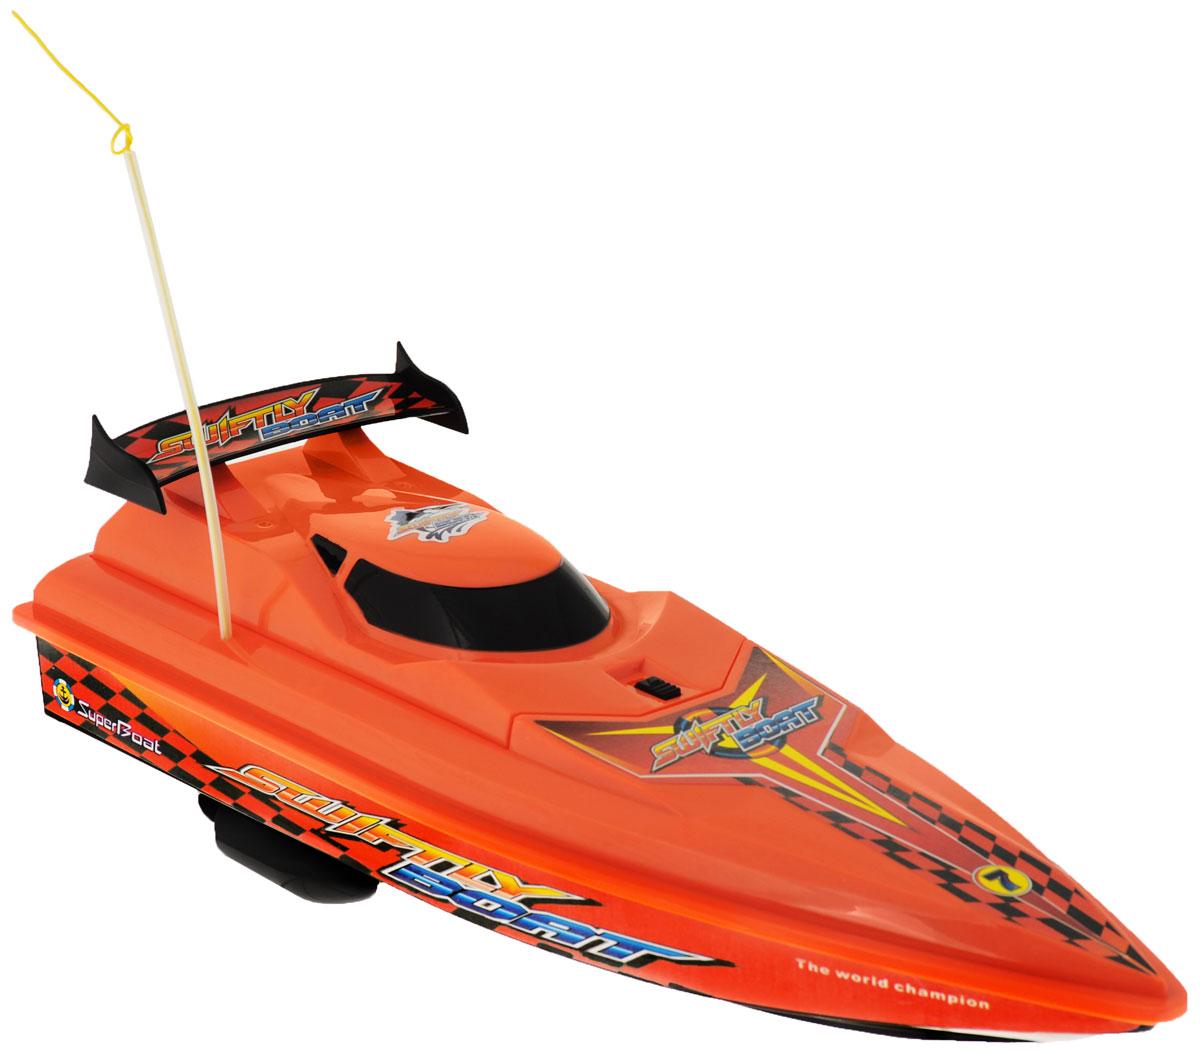 """Радиоуправляемый гоночный катер LK-Toys """"Чемпионат: Swiftly Boat"""" - необычная водная игрушка, которая понравится и детям, и взрослым. Игрушечный спортивный катер изготовлен из прочного и качественного пластика, что успешно позволяет сделать конструкцию корпуса максимально обтекаемой, а также защитить от попадания воды все внутренние компоненты. Управление обеспечивается при помощи специального пульта дистанционного управления, который позволяет без проблем контролировать модель на расстояниях до 25 метров. Функции управления: вперед, назад, вправо, влево. Радиоуправляемый гоночный катер LK-Toys """"Чемпионат: Swiftly Boat"""" обеспечит многие часы увлекательных игр на воде! В комплекте: катер, пульт управления, аккумулятор, зарядное устройство, 2 запасных винта. Пульт управления работает на частоте 40 MHz. Для работы пульта управления необходимы 2 батарейки типа АА (не входят в комплект)."""